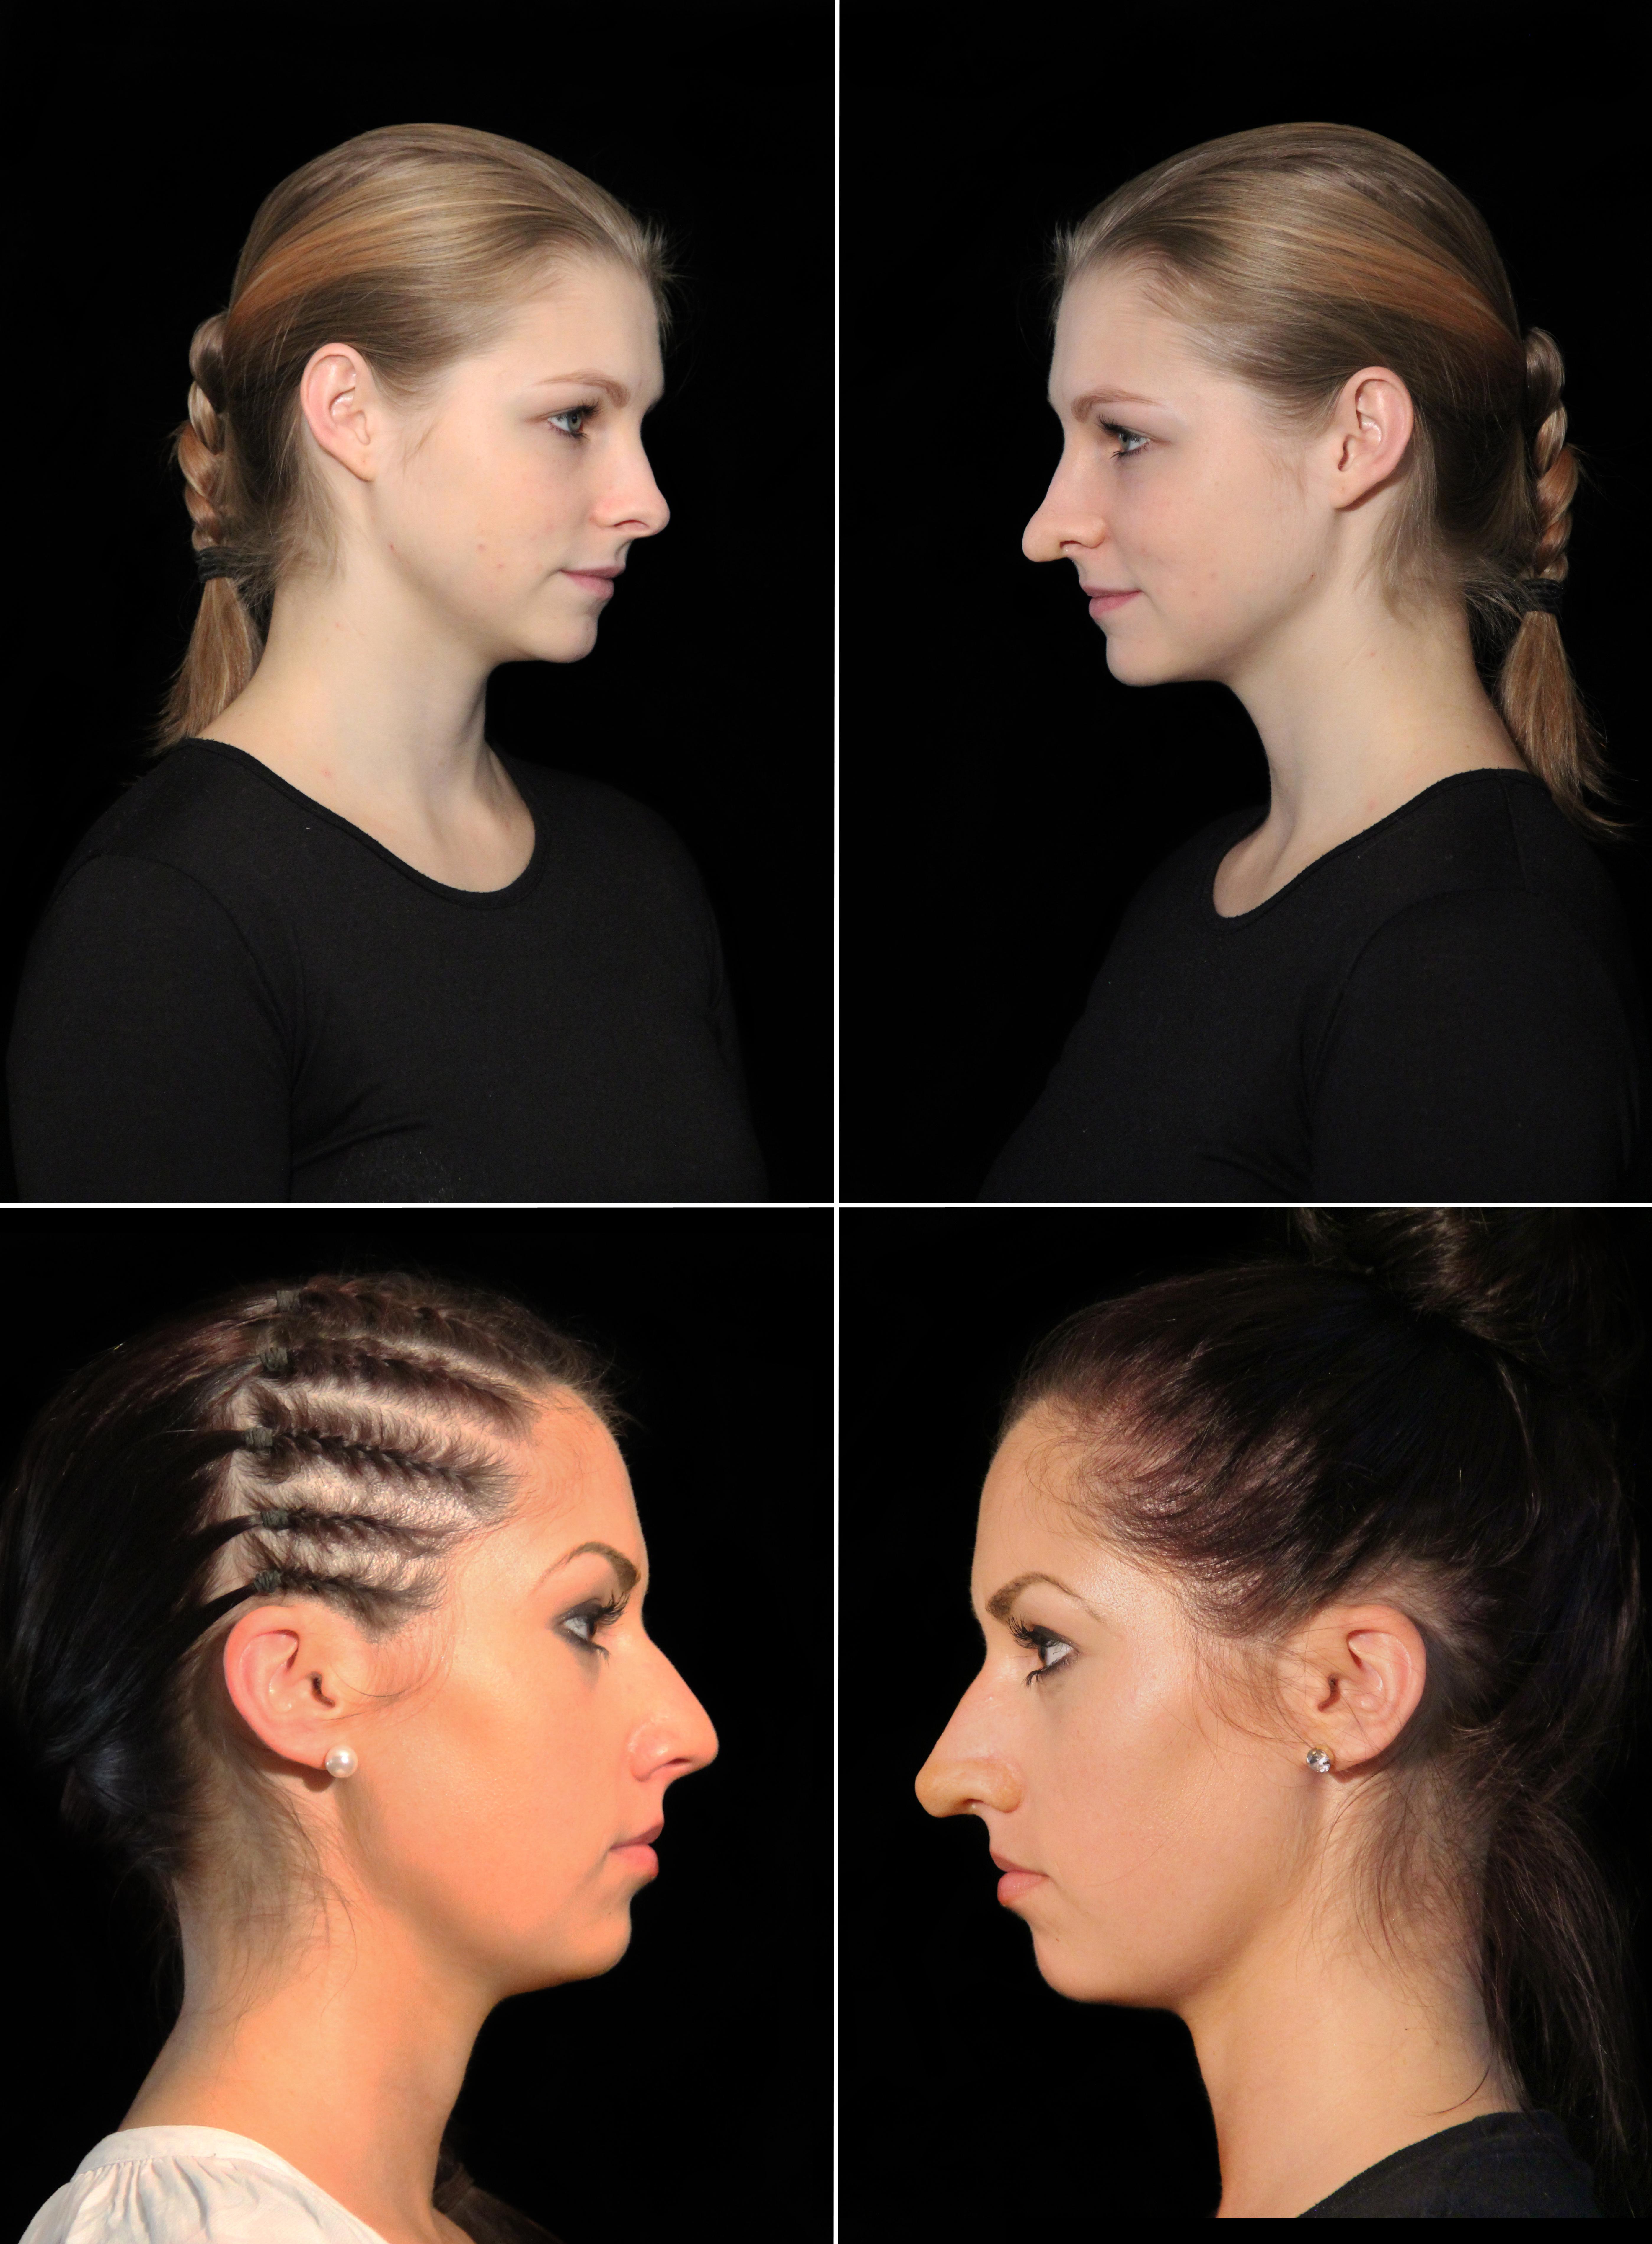 Hair, Nail, Make-up und Fashion styling portfolio / jelena-v--gtli-zehntner - special-effects-nasen-bild-ID38-1.jpg?v=1585835742